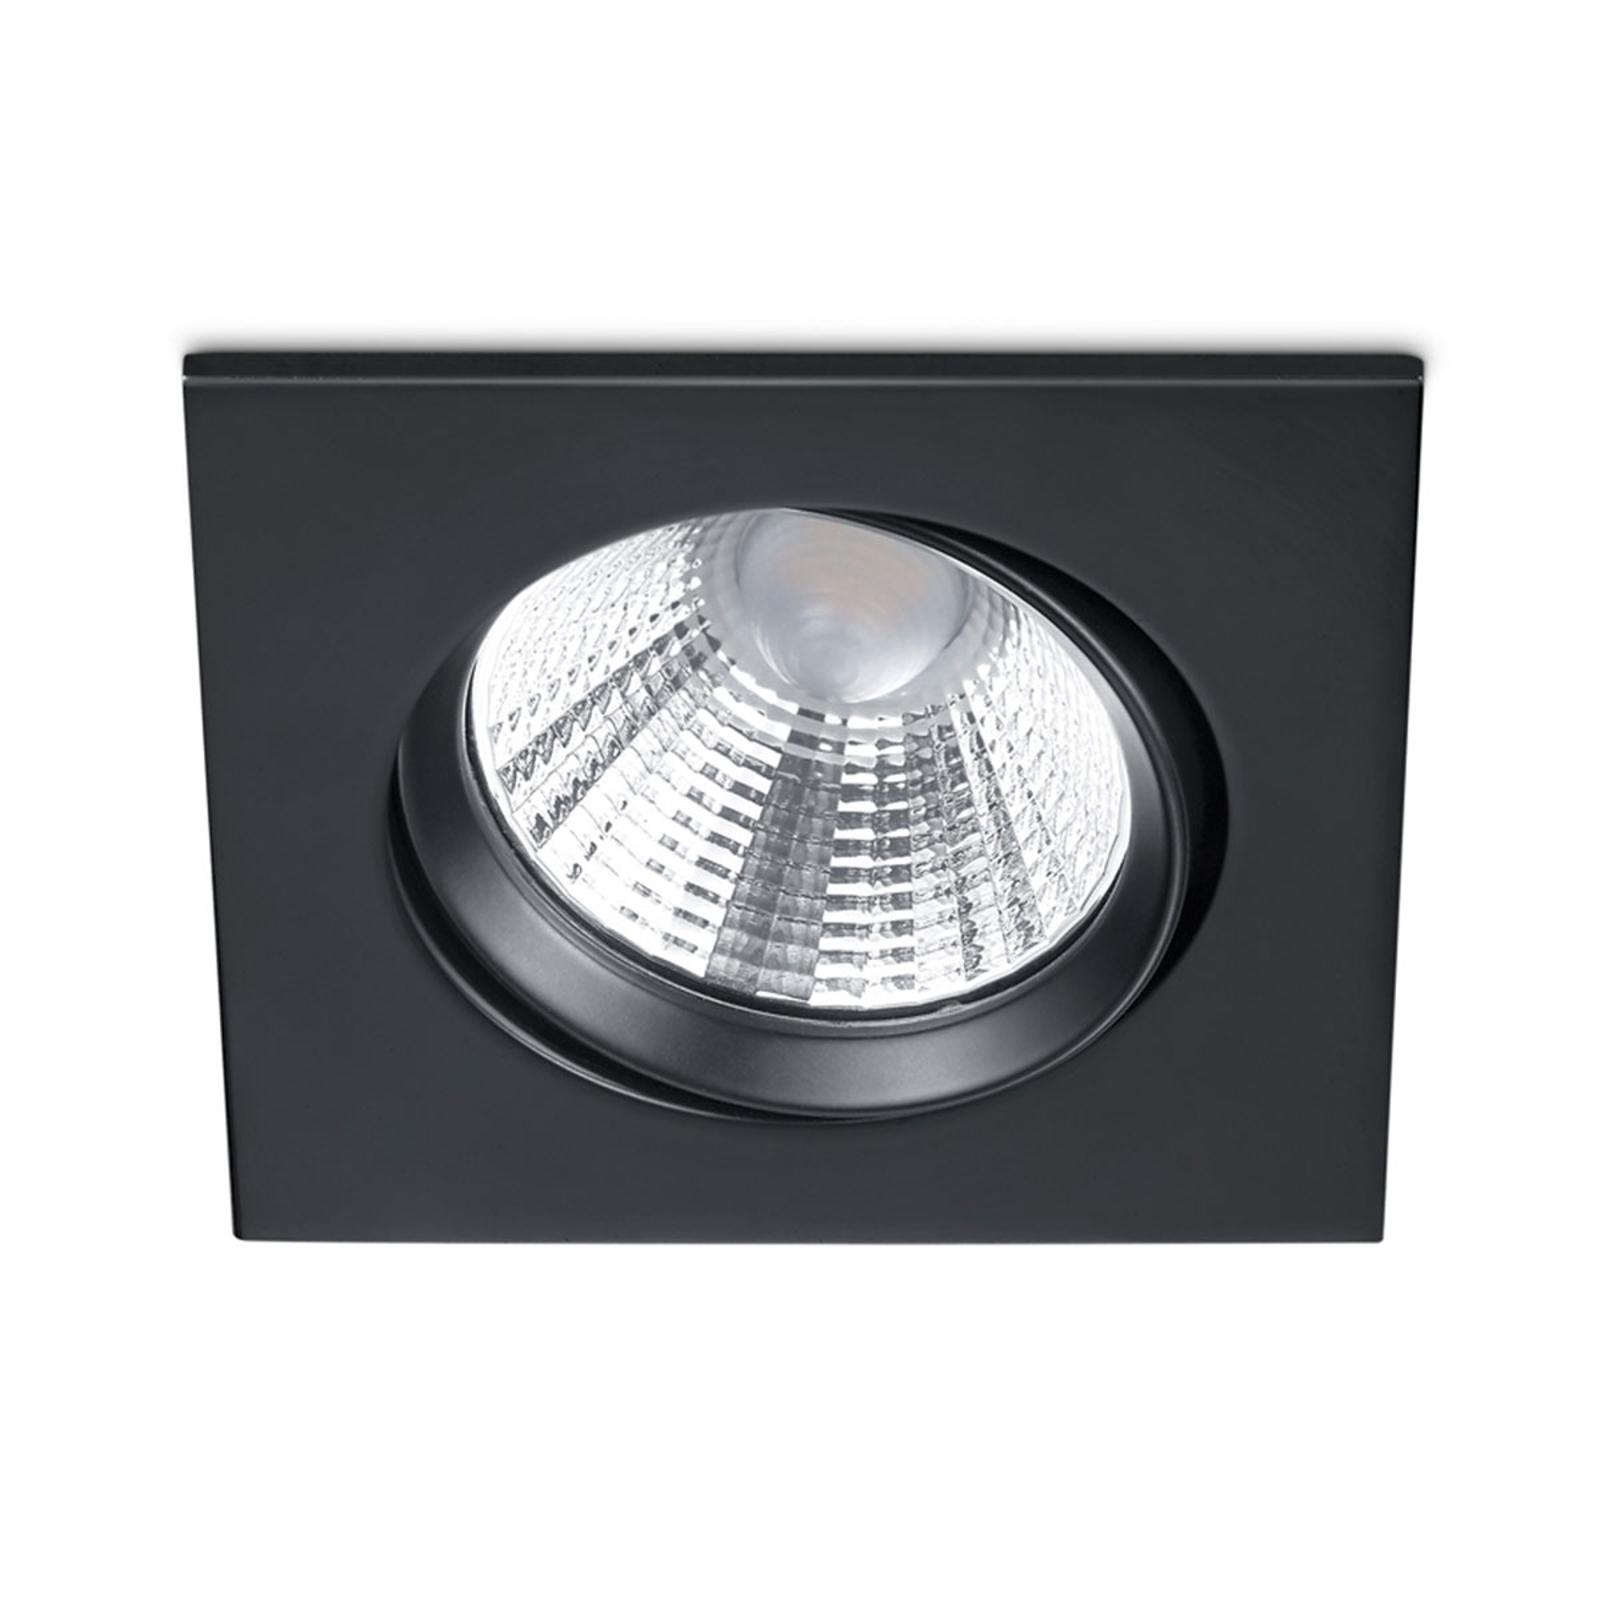 Dimmbarer LED-Einbaustrahler Pamir in Schwarz matt